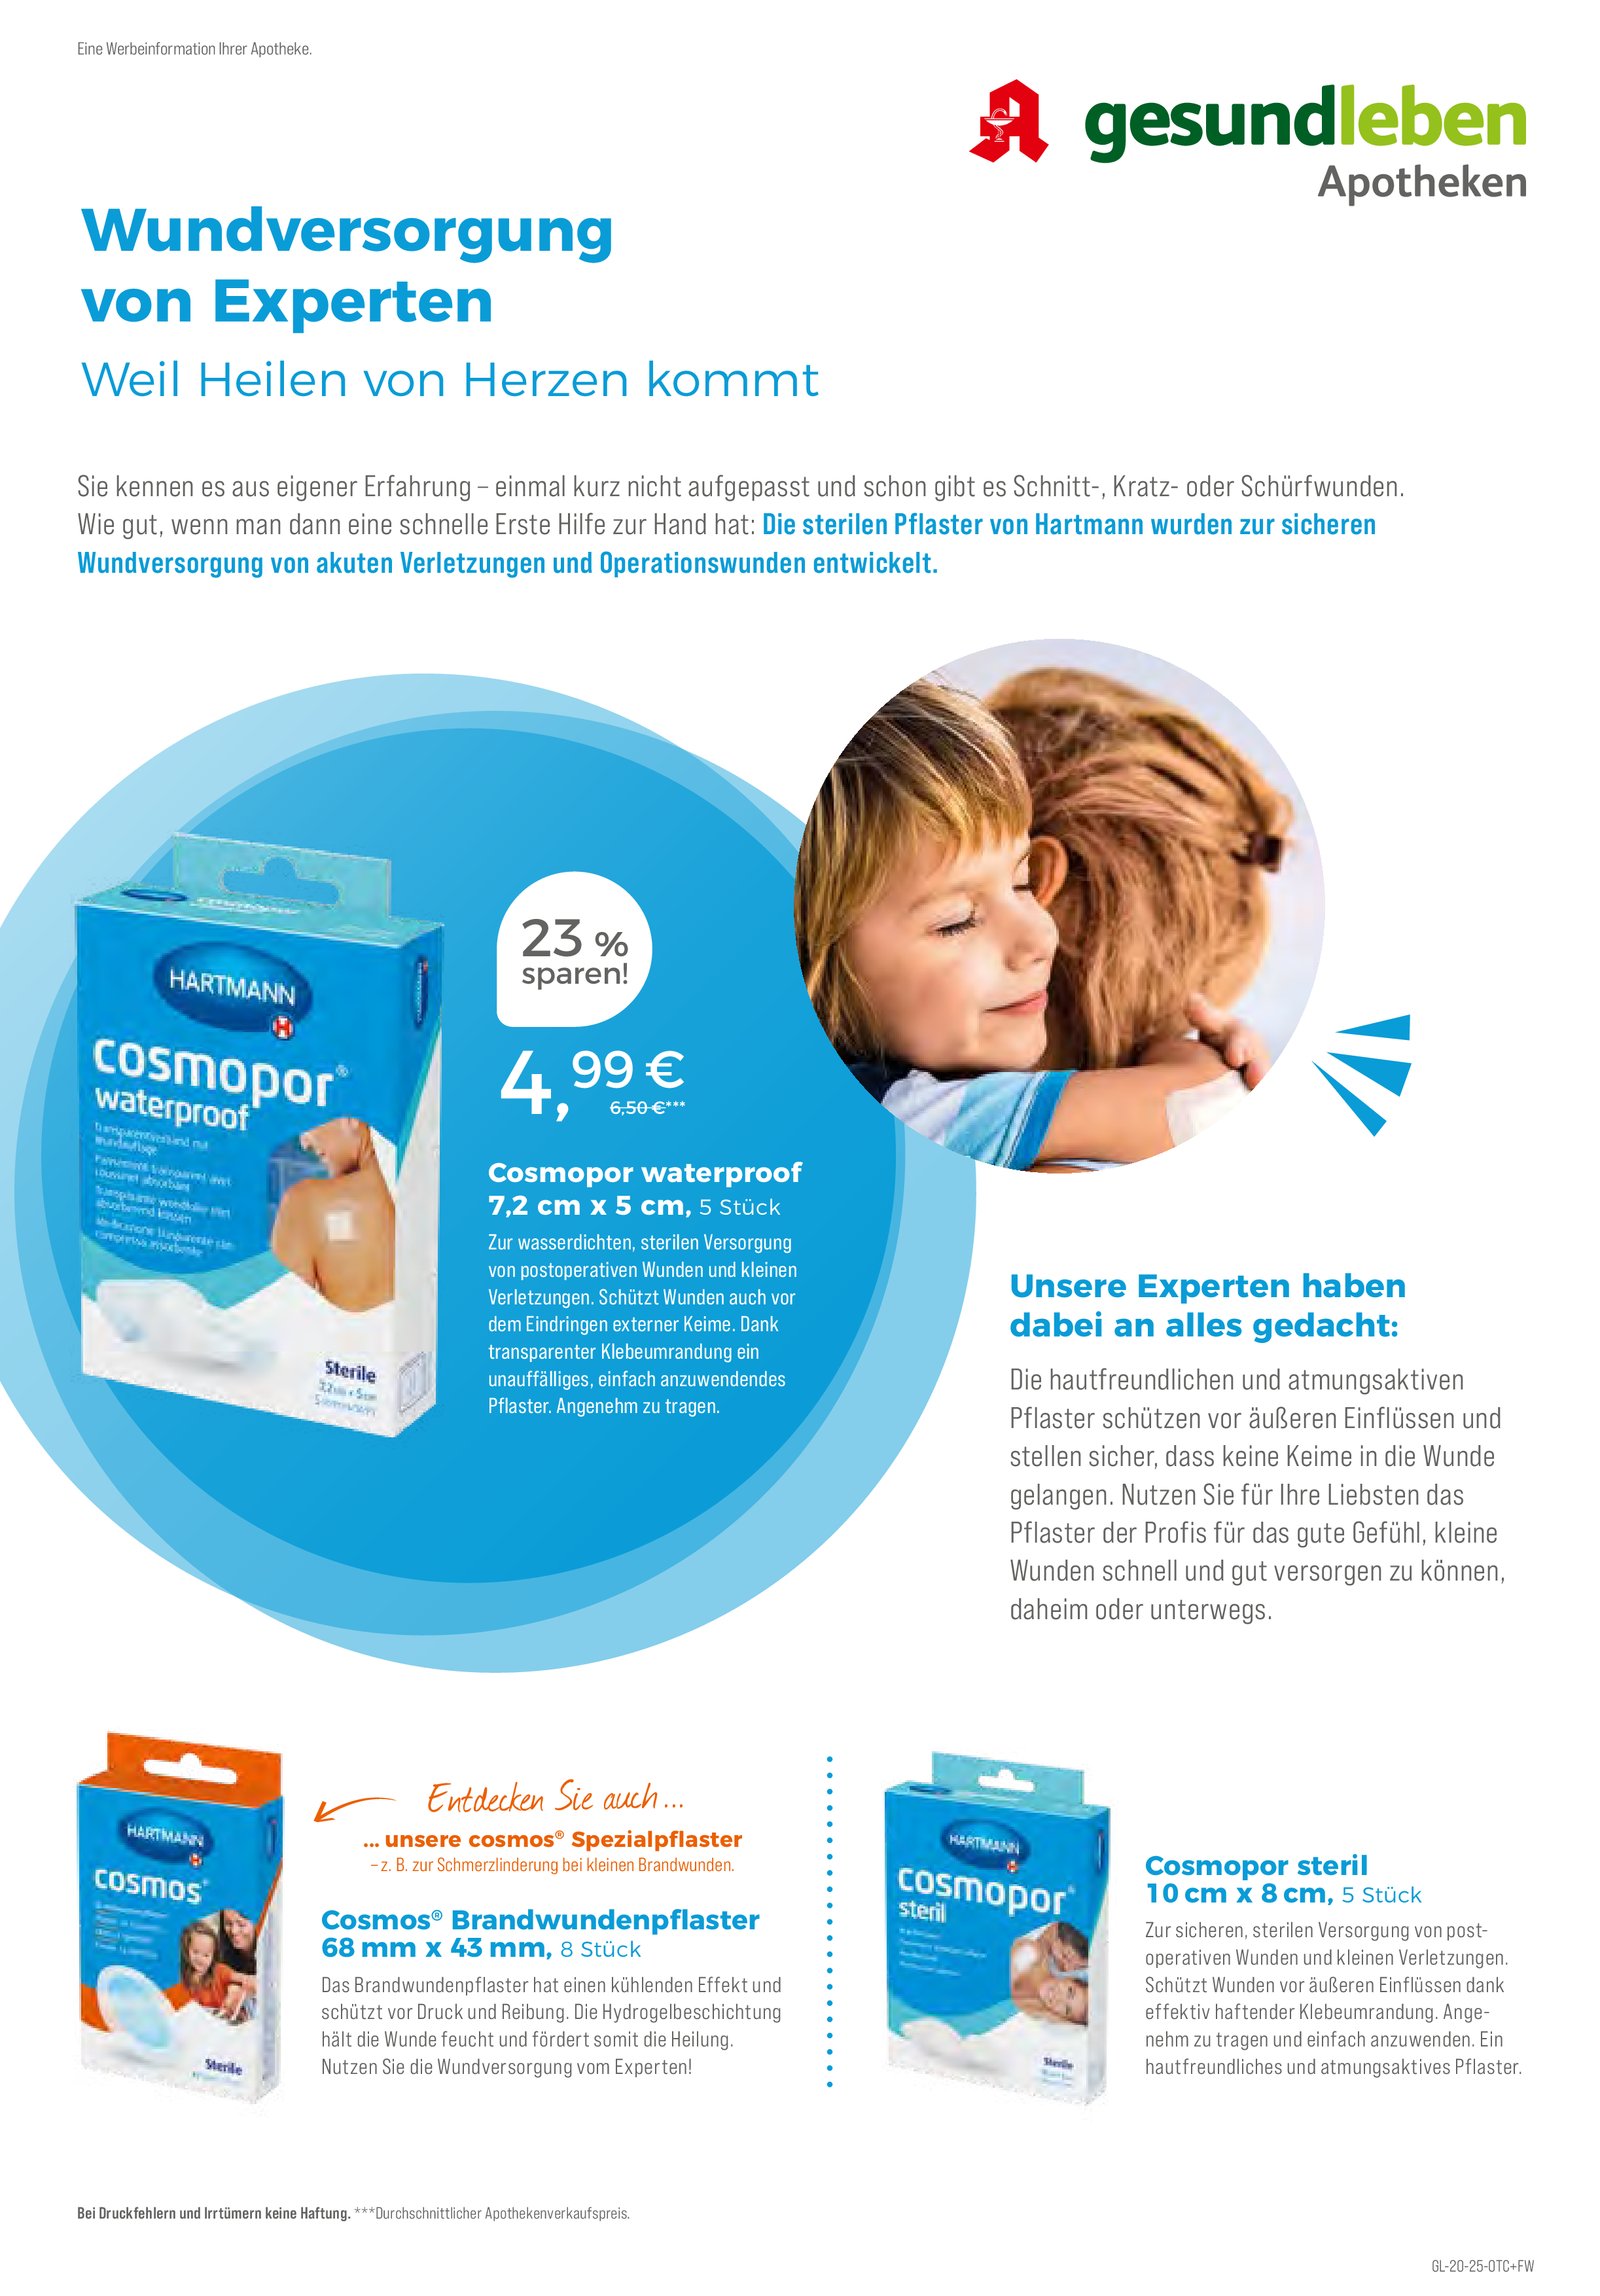 https://mein-uploads.apocdn.net/1962/leaflets/gesundleben_mittel-Seite5.png